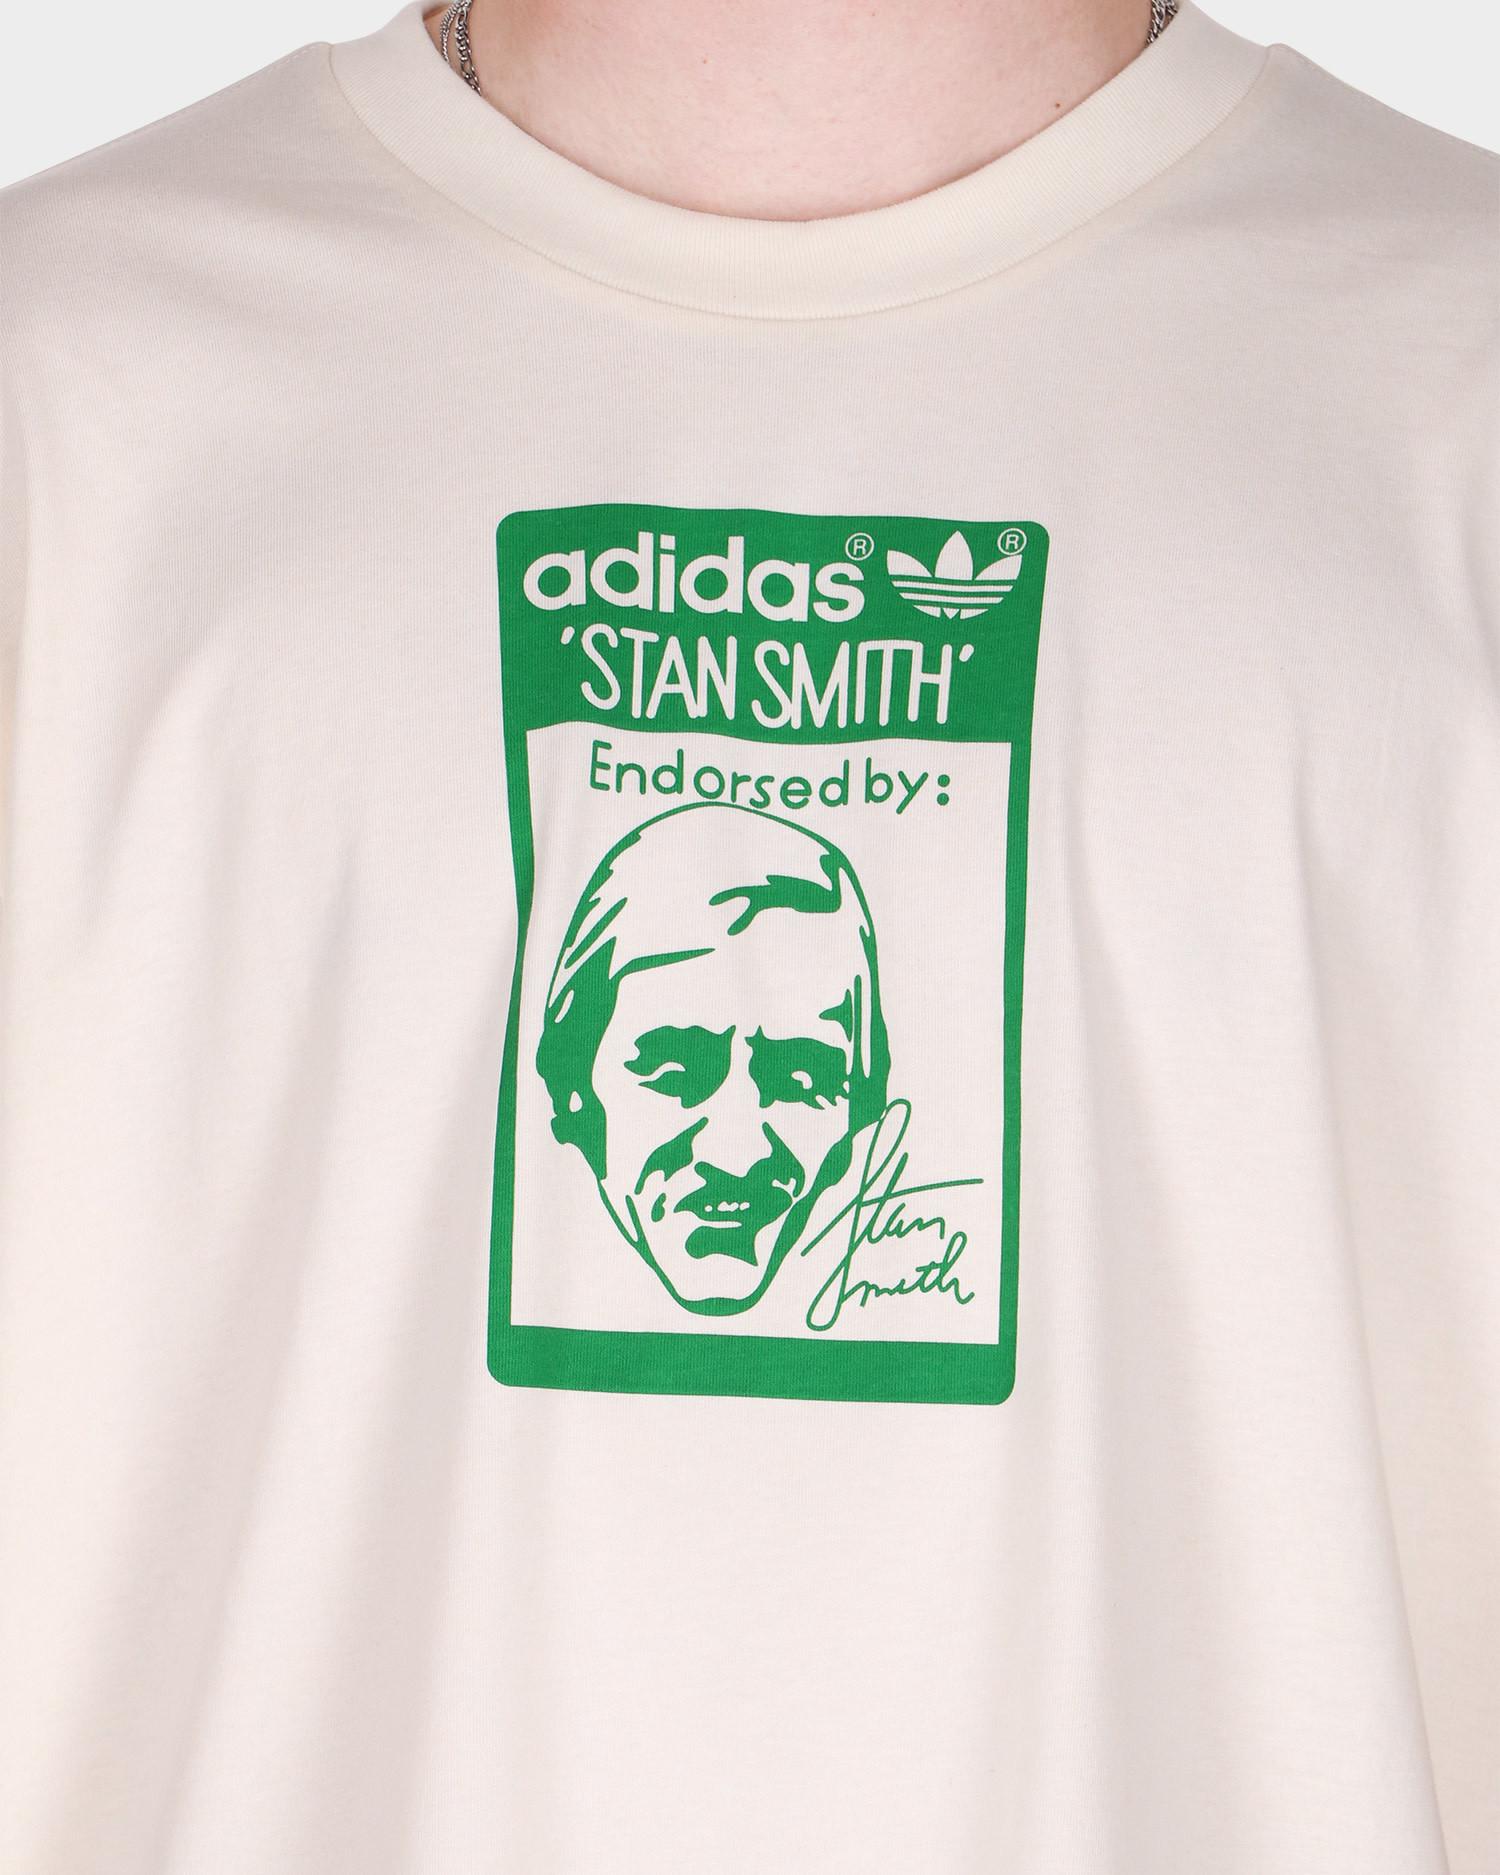 Adidas Stan Smith Tee White